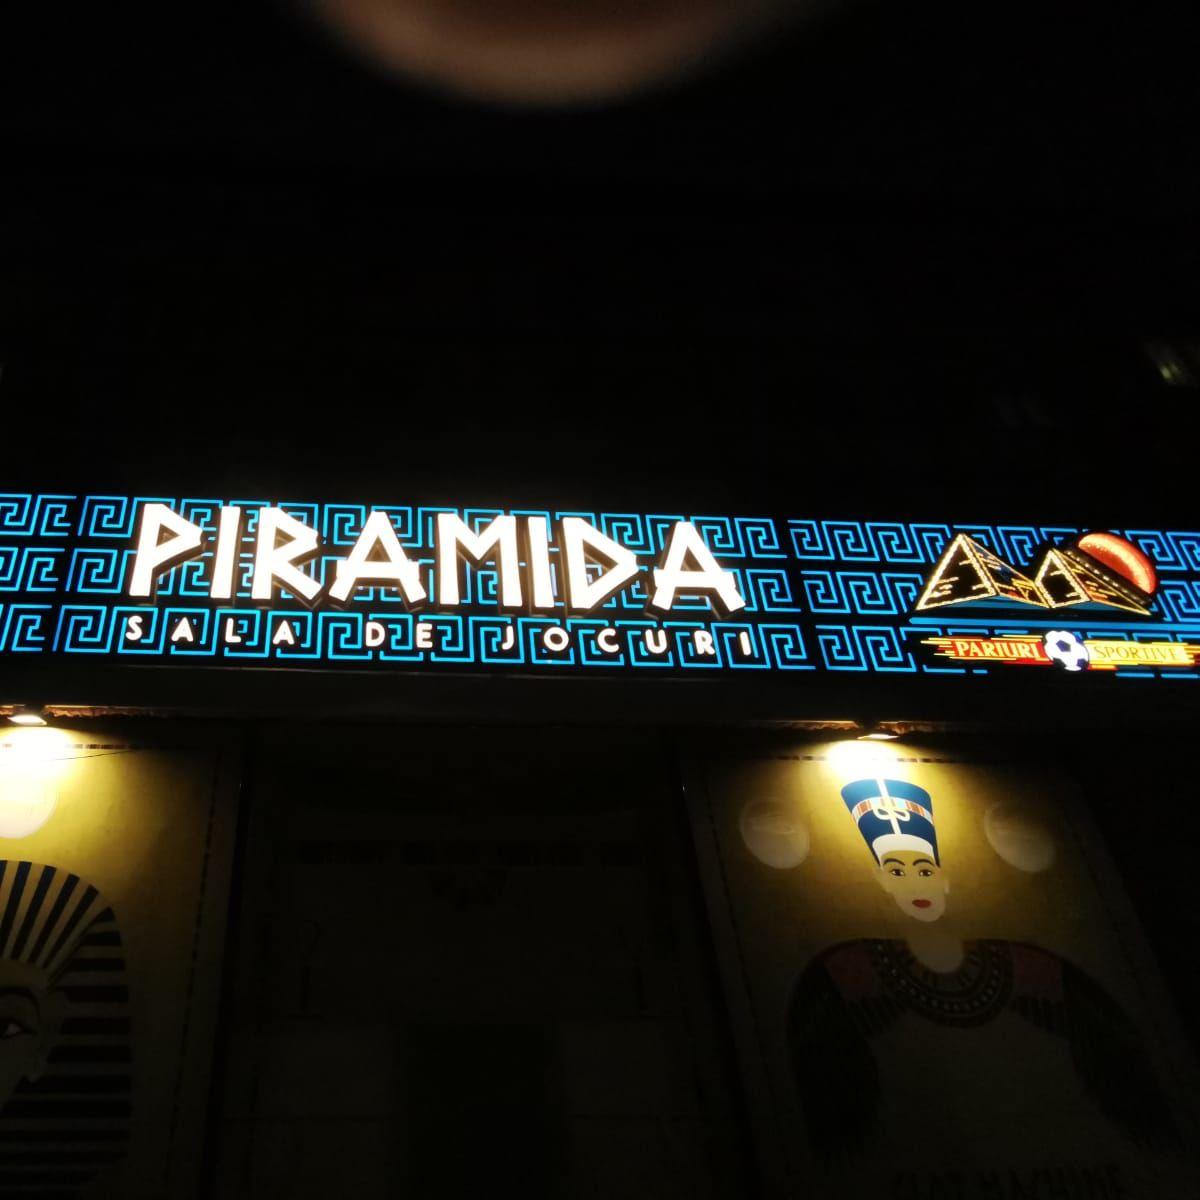 Reclamă din bond cu lumină integrată plexiglas 20mm, piramidă oglindă 3D, swarovski